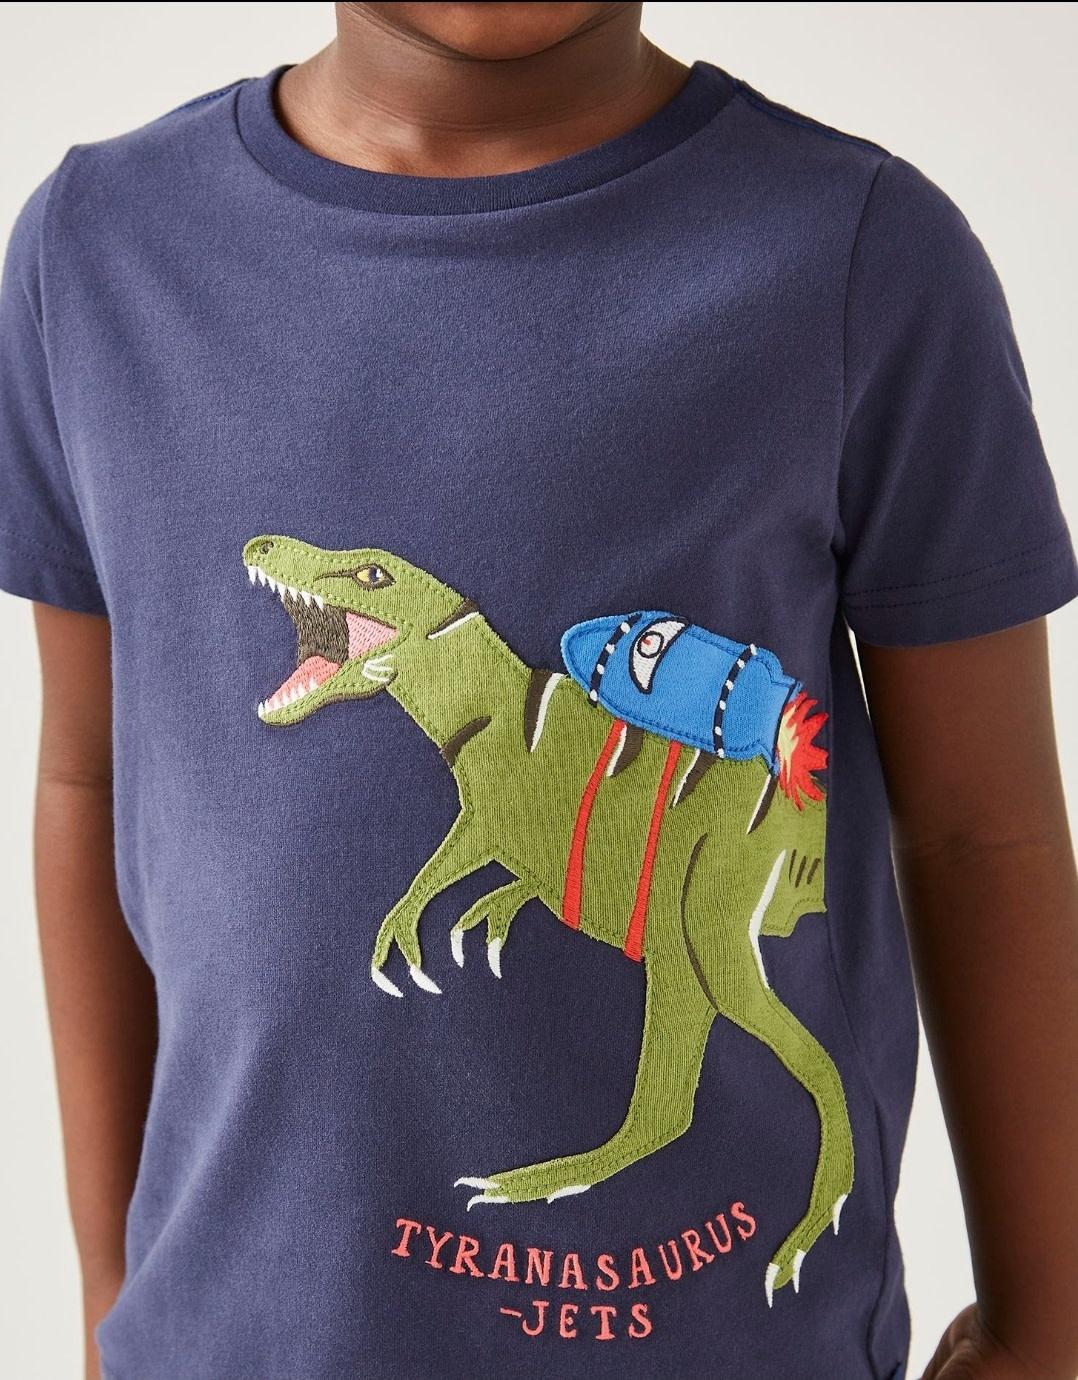 Joules Tyranosaurus Jets T-shirt